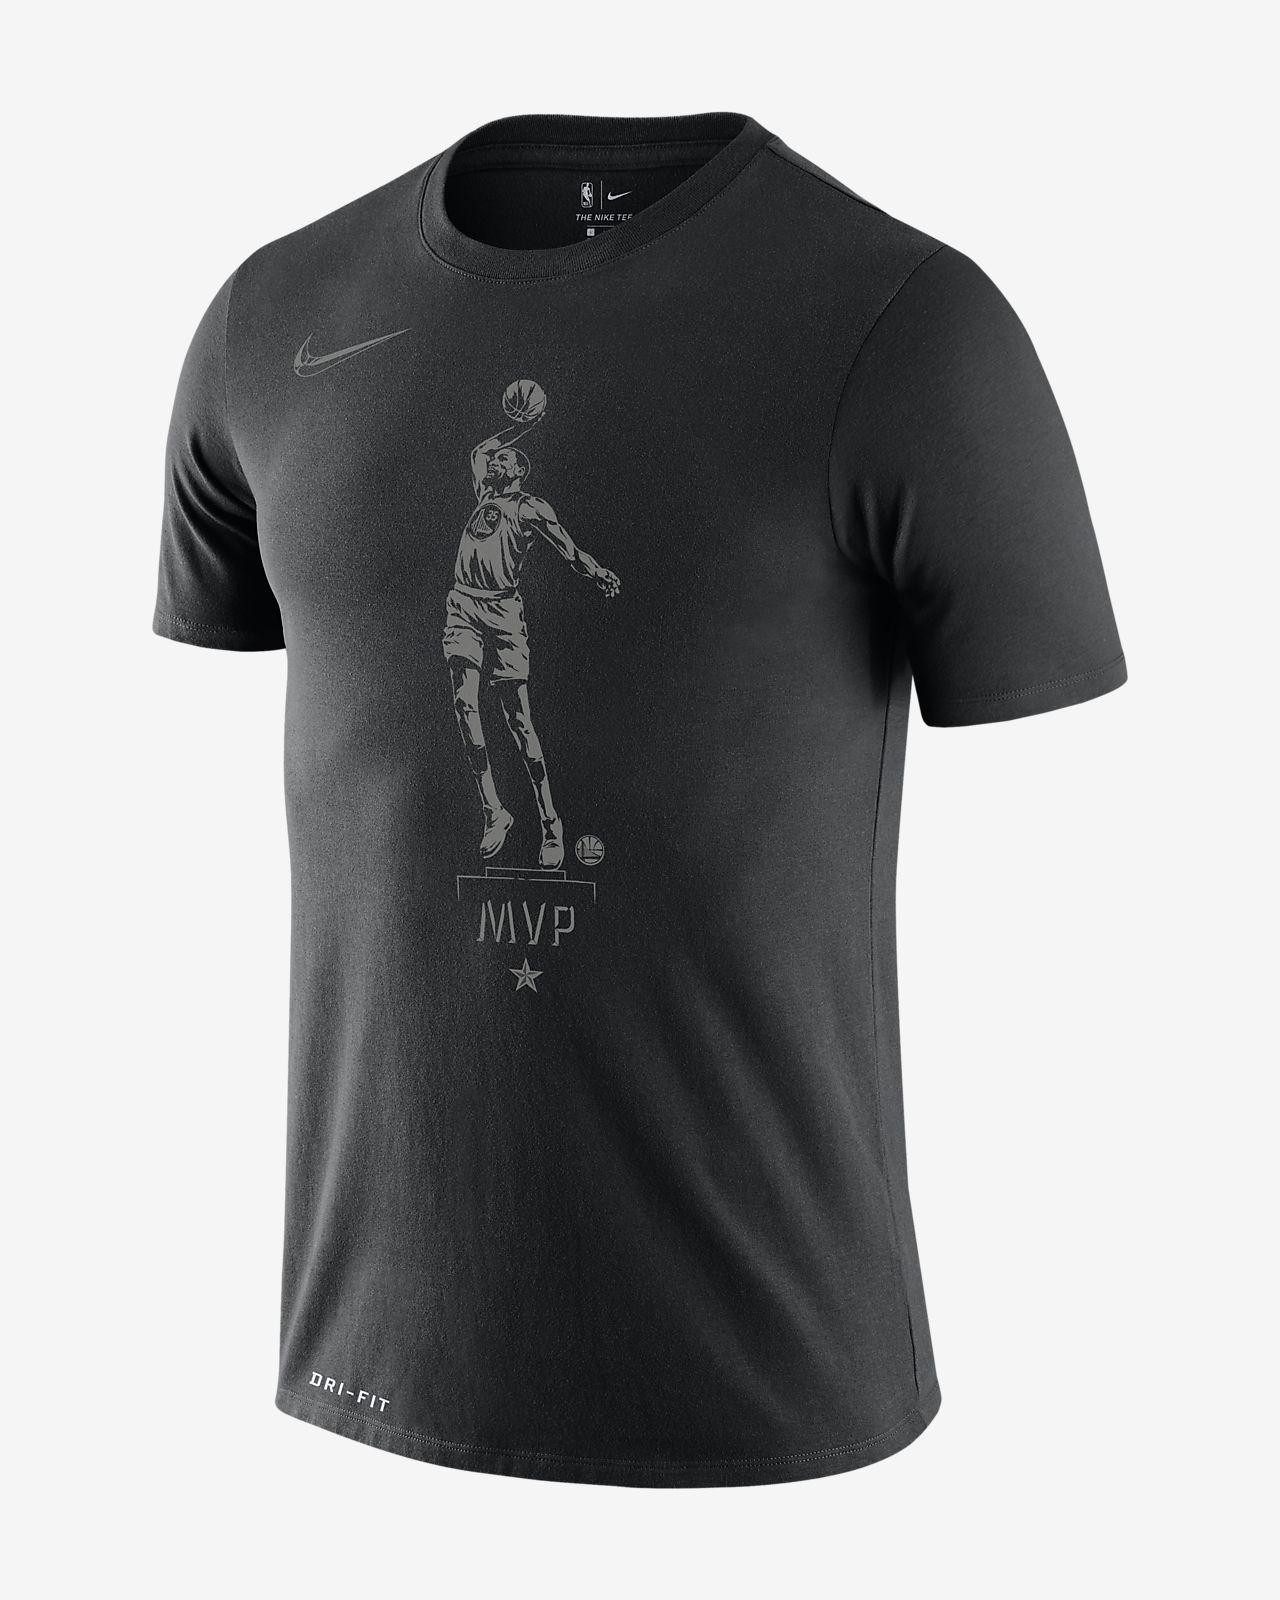 88b629b4 Kevin Durant Nike Dri-FIT